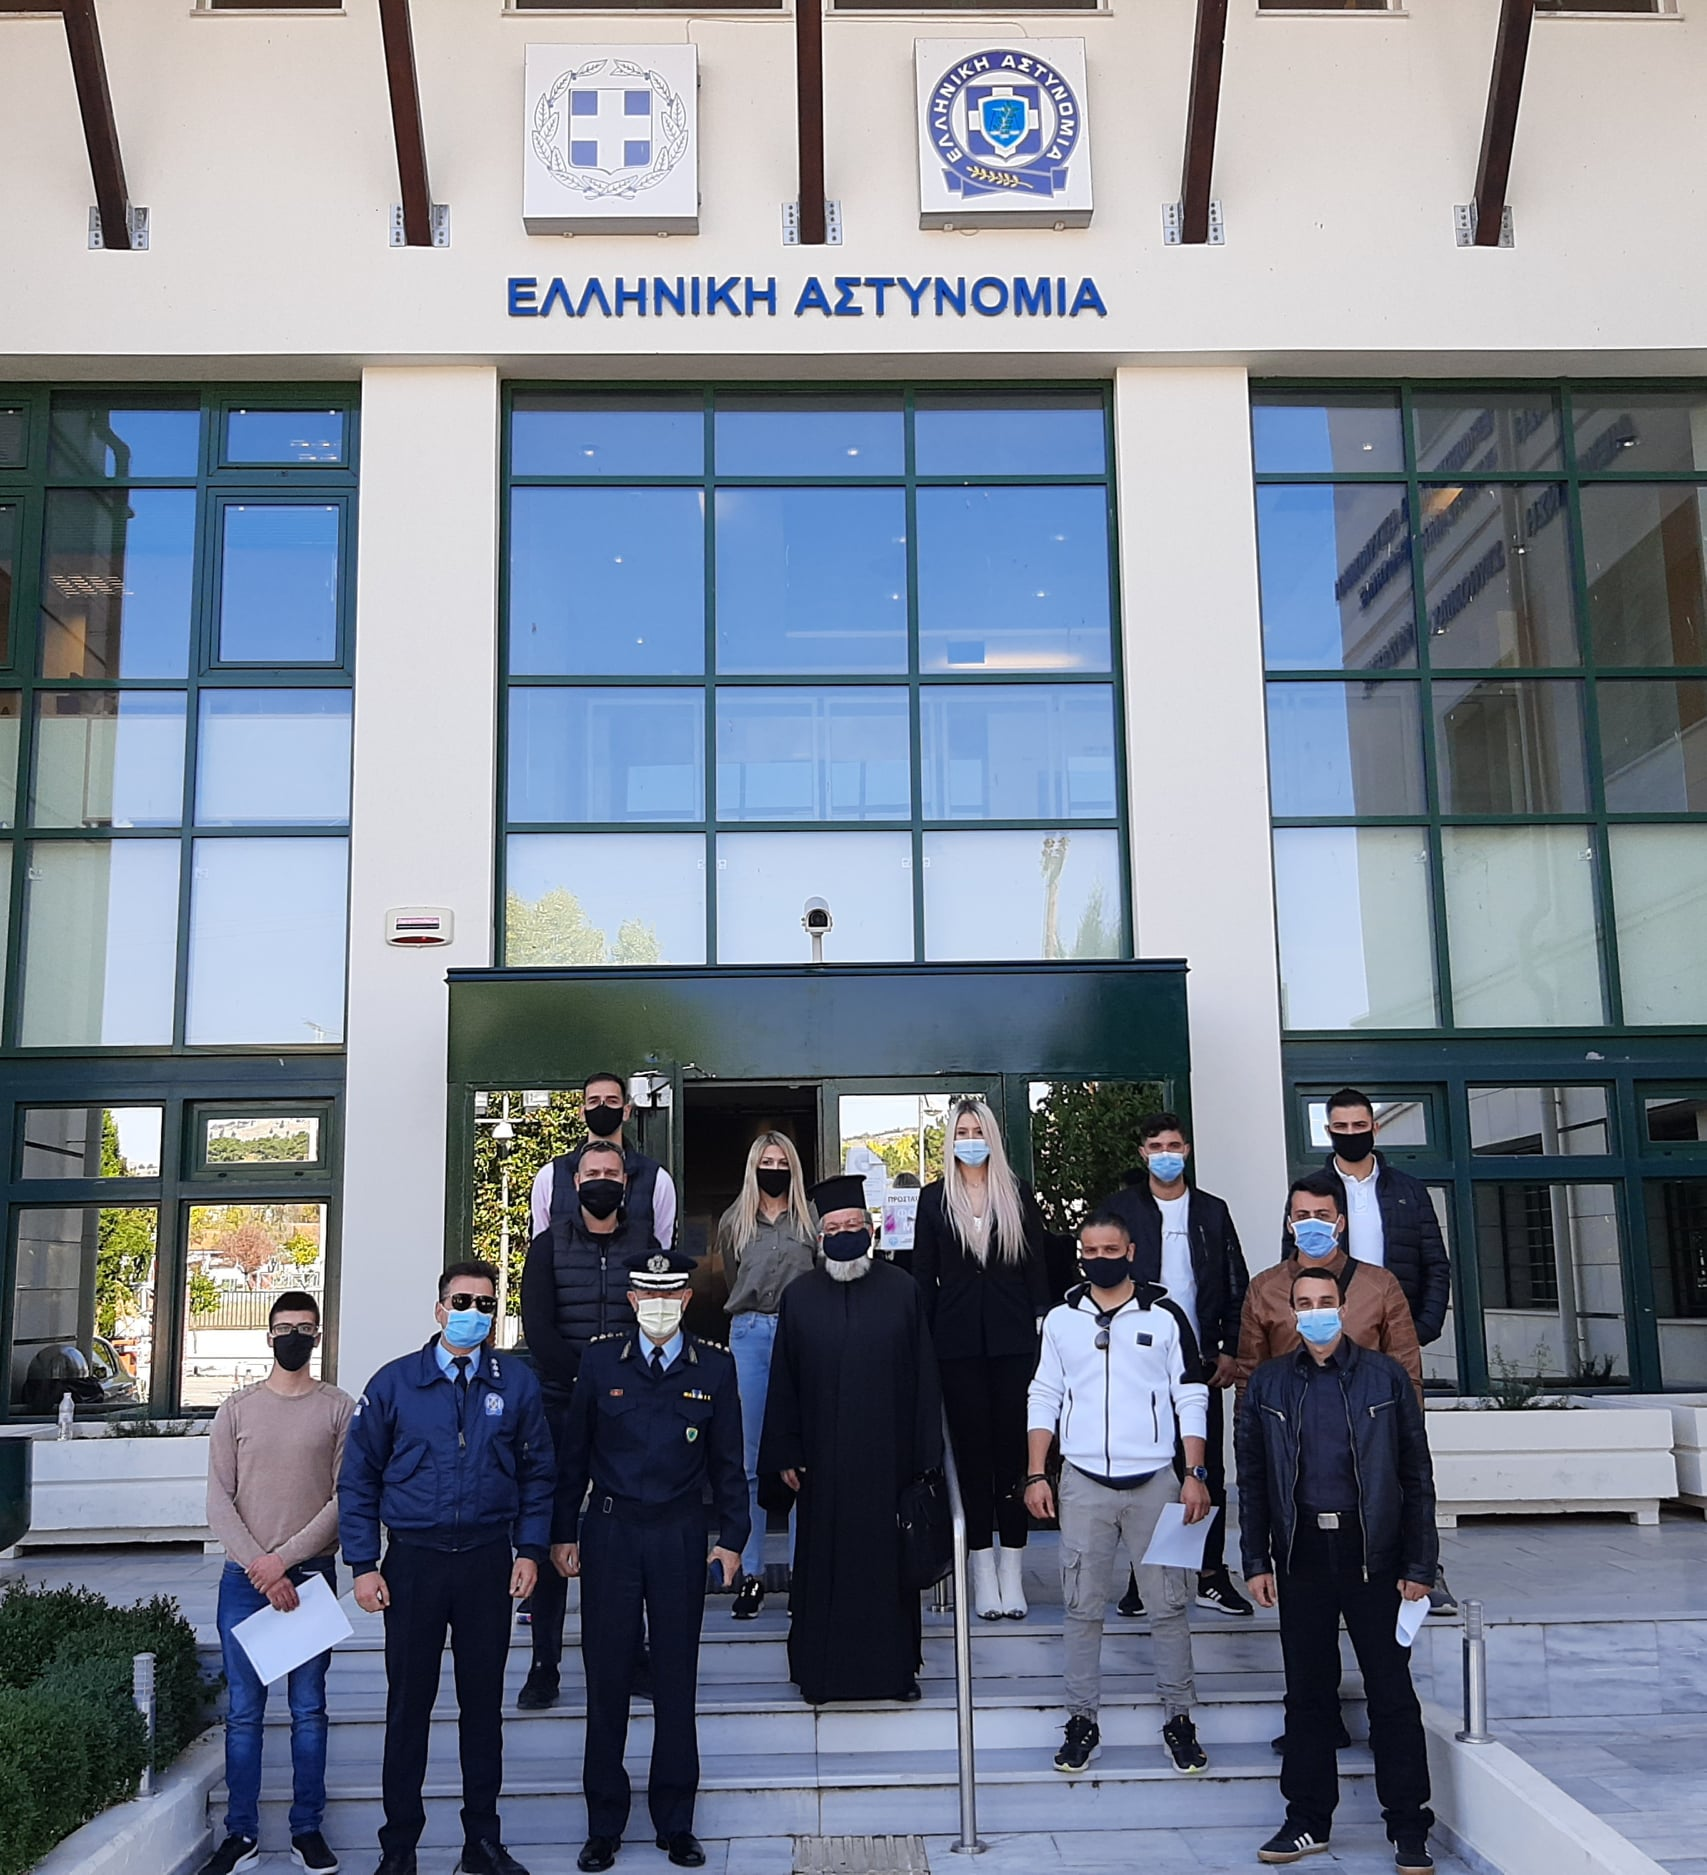 Ορκωμοσία 24 προσληφθέντων Συνοριακών Φυλάκων στις έδρες των Διευθύνσεων Αστυνομίας Κοζάνης, Γρεβενών, Καστοριάς και Φλώρινας